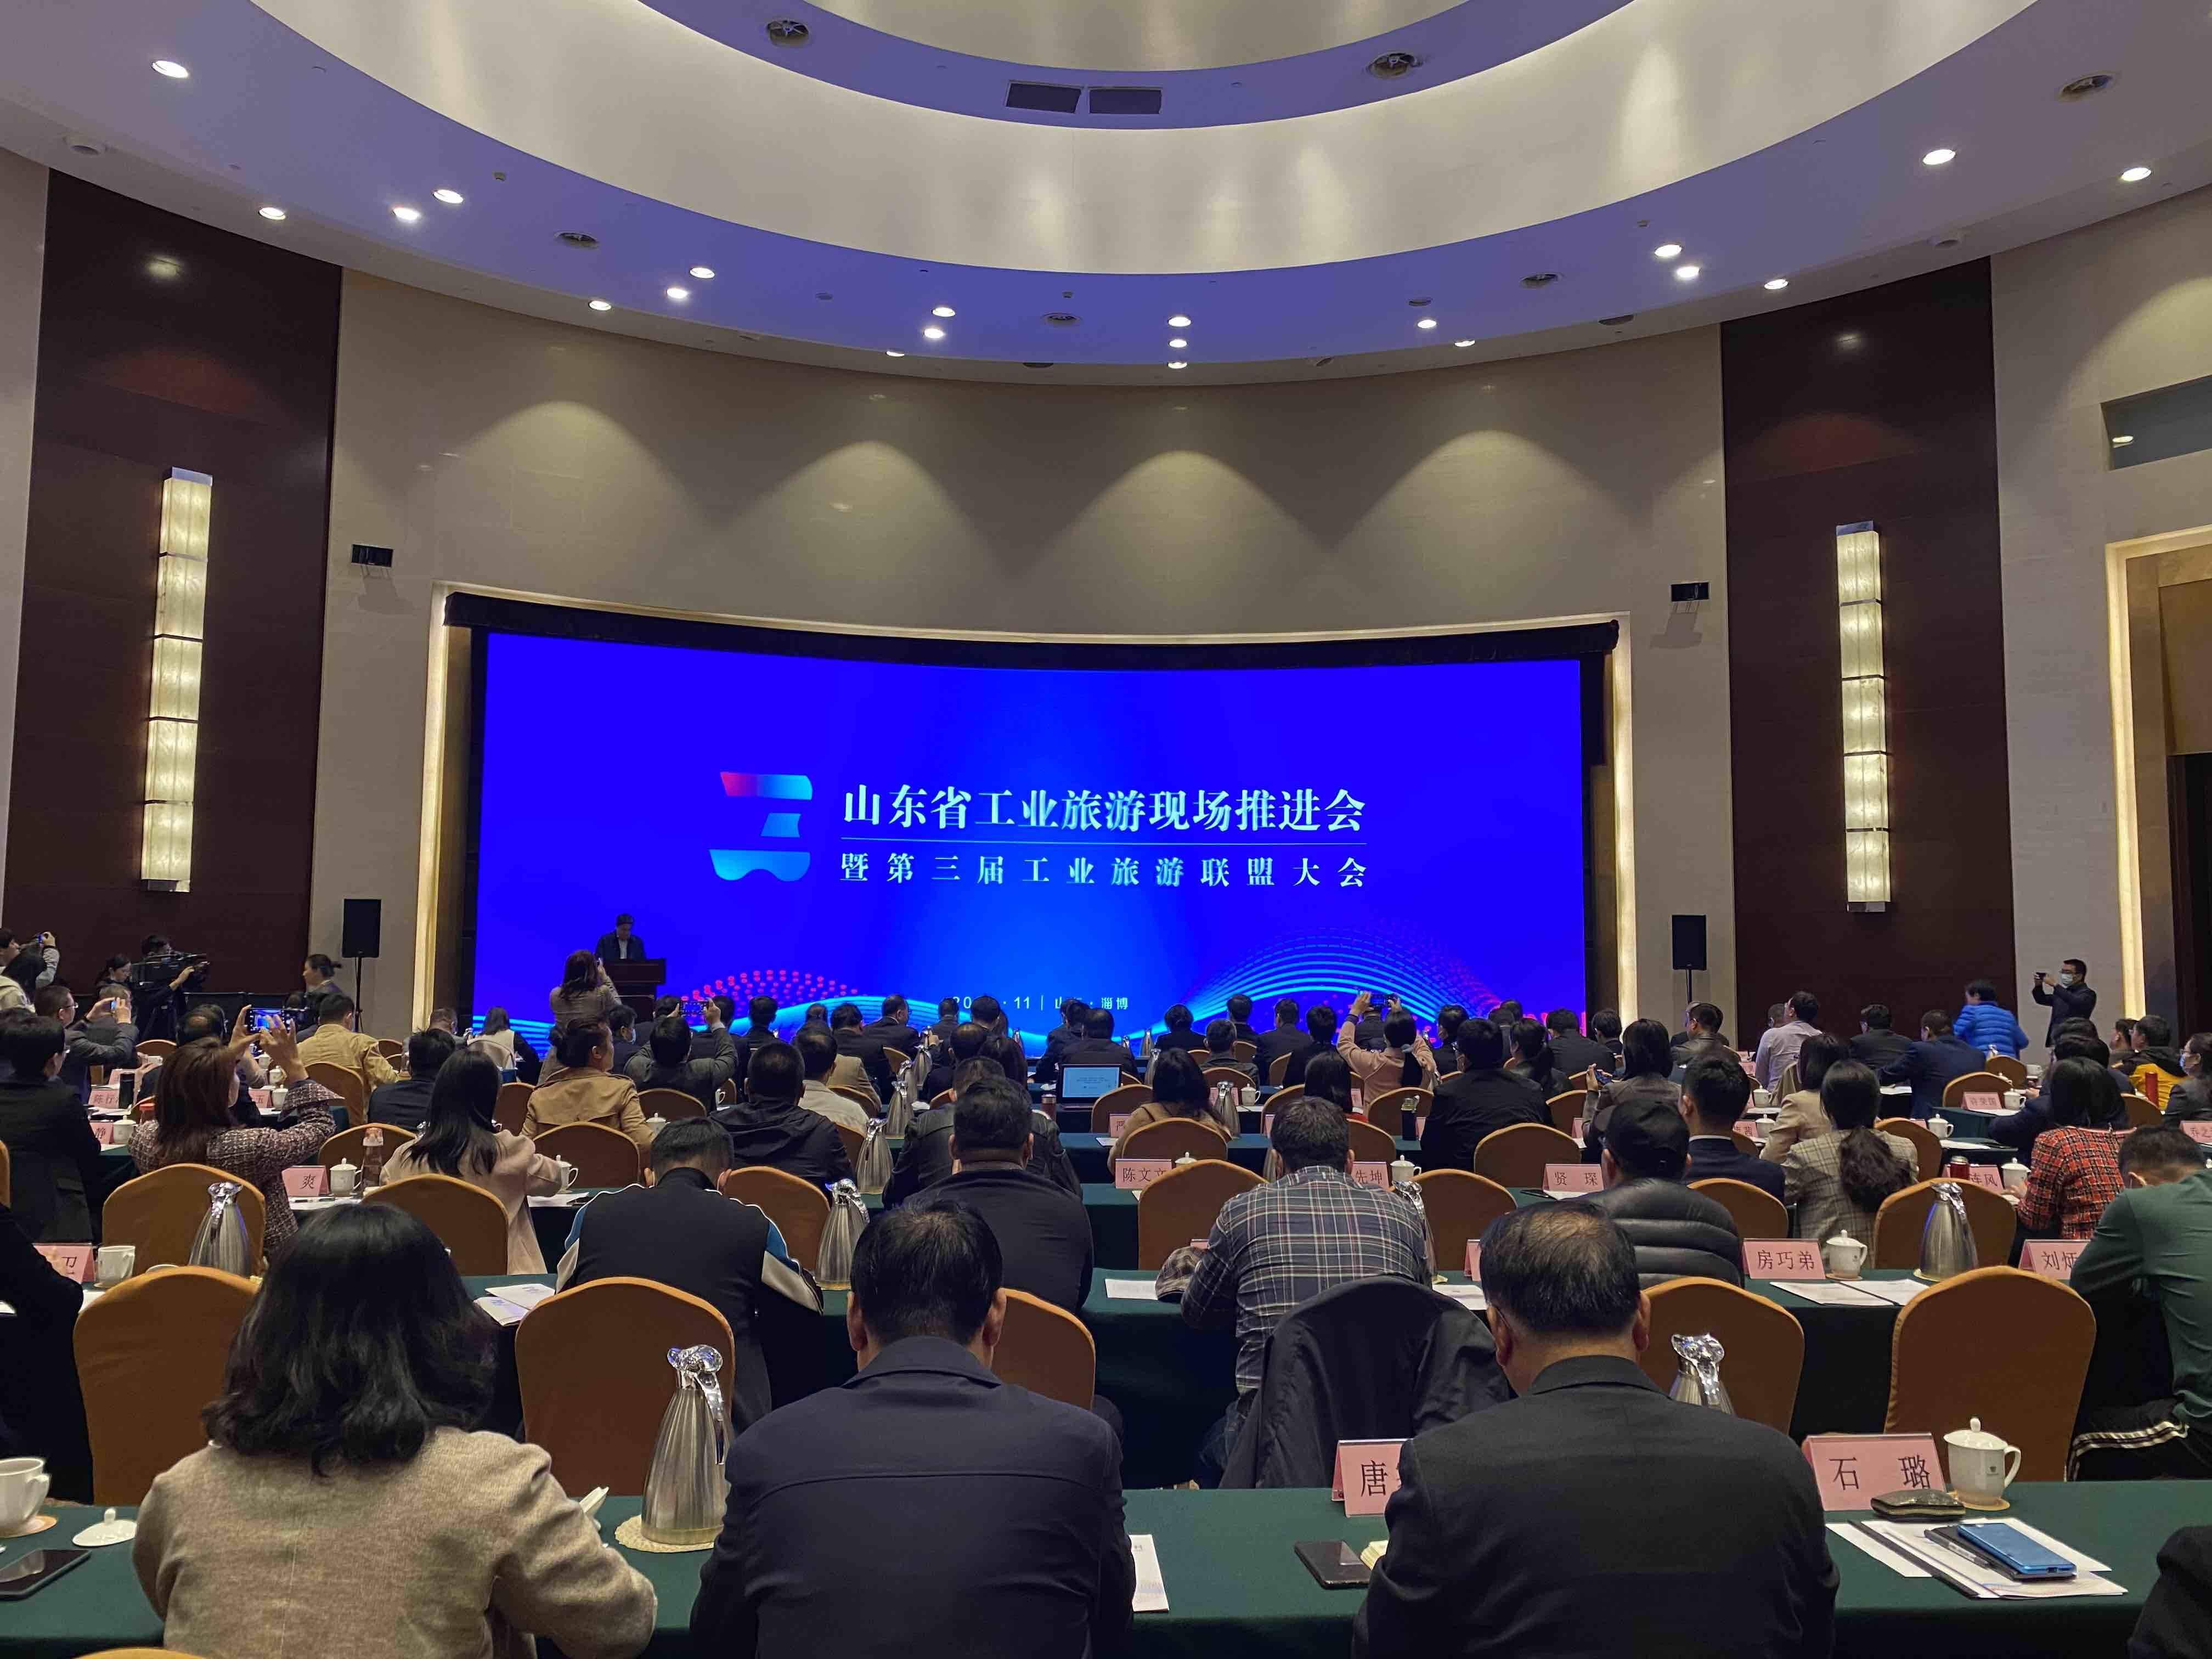 山东省工业旅游现场推进会暨第三届工业旅游联盟大会在淄博举行